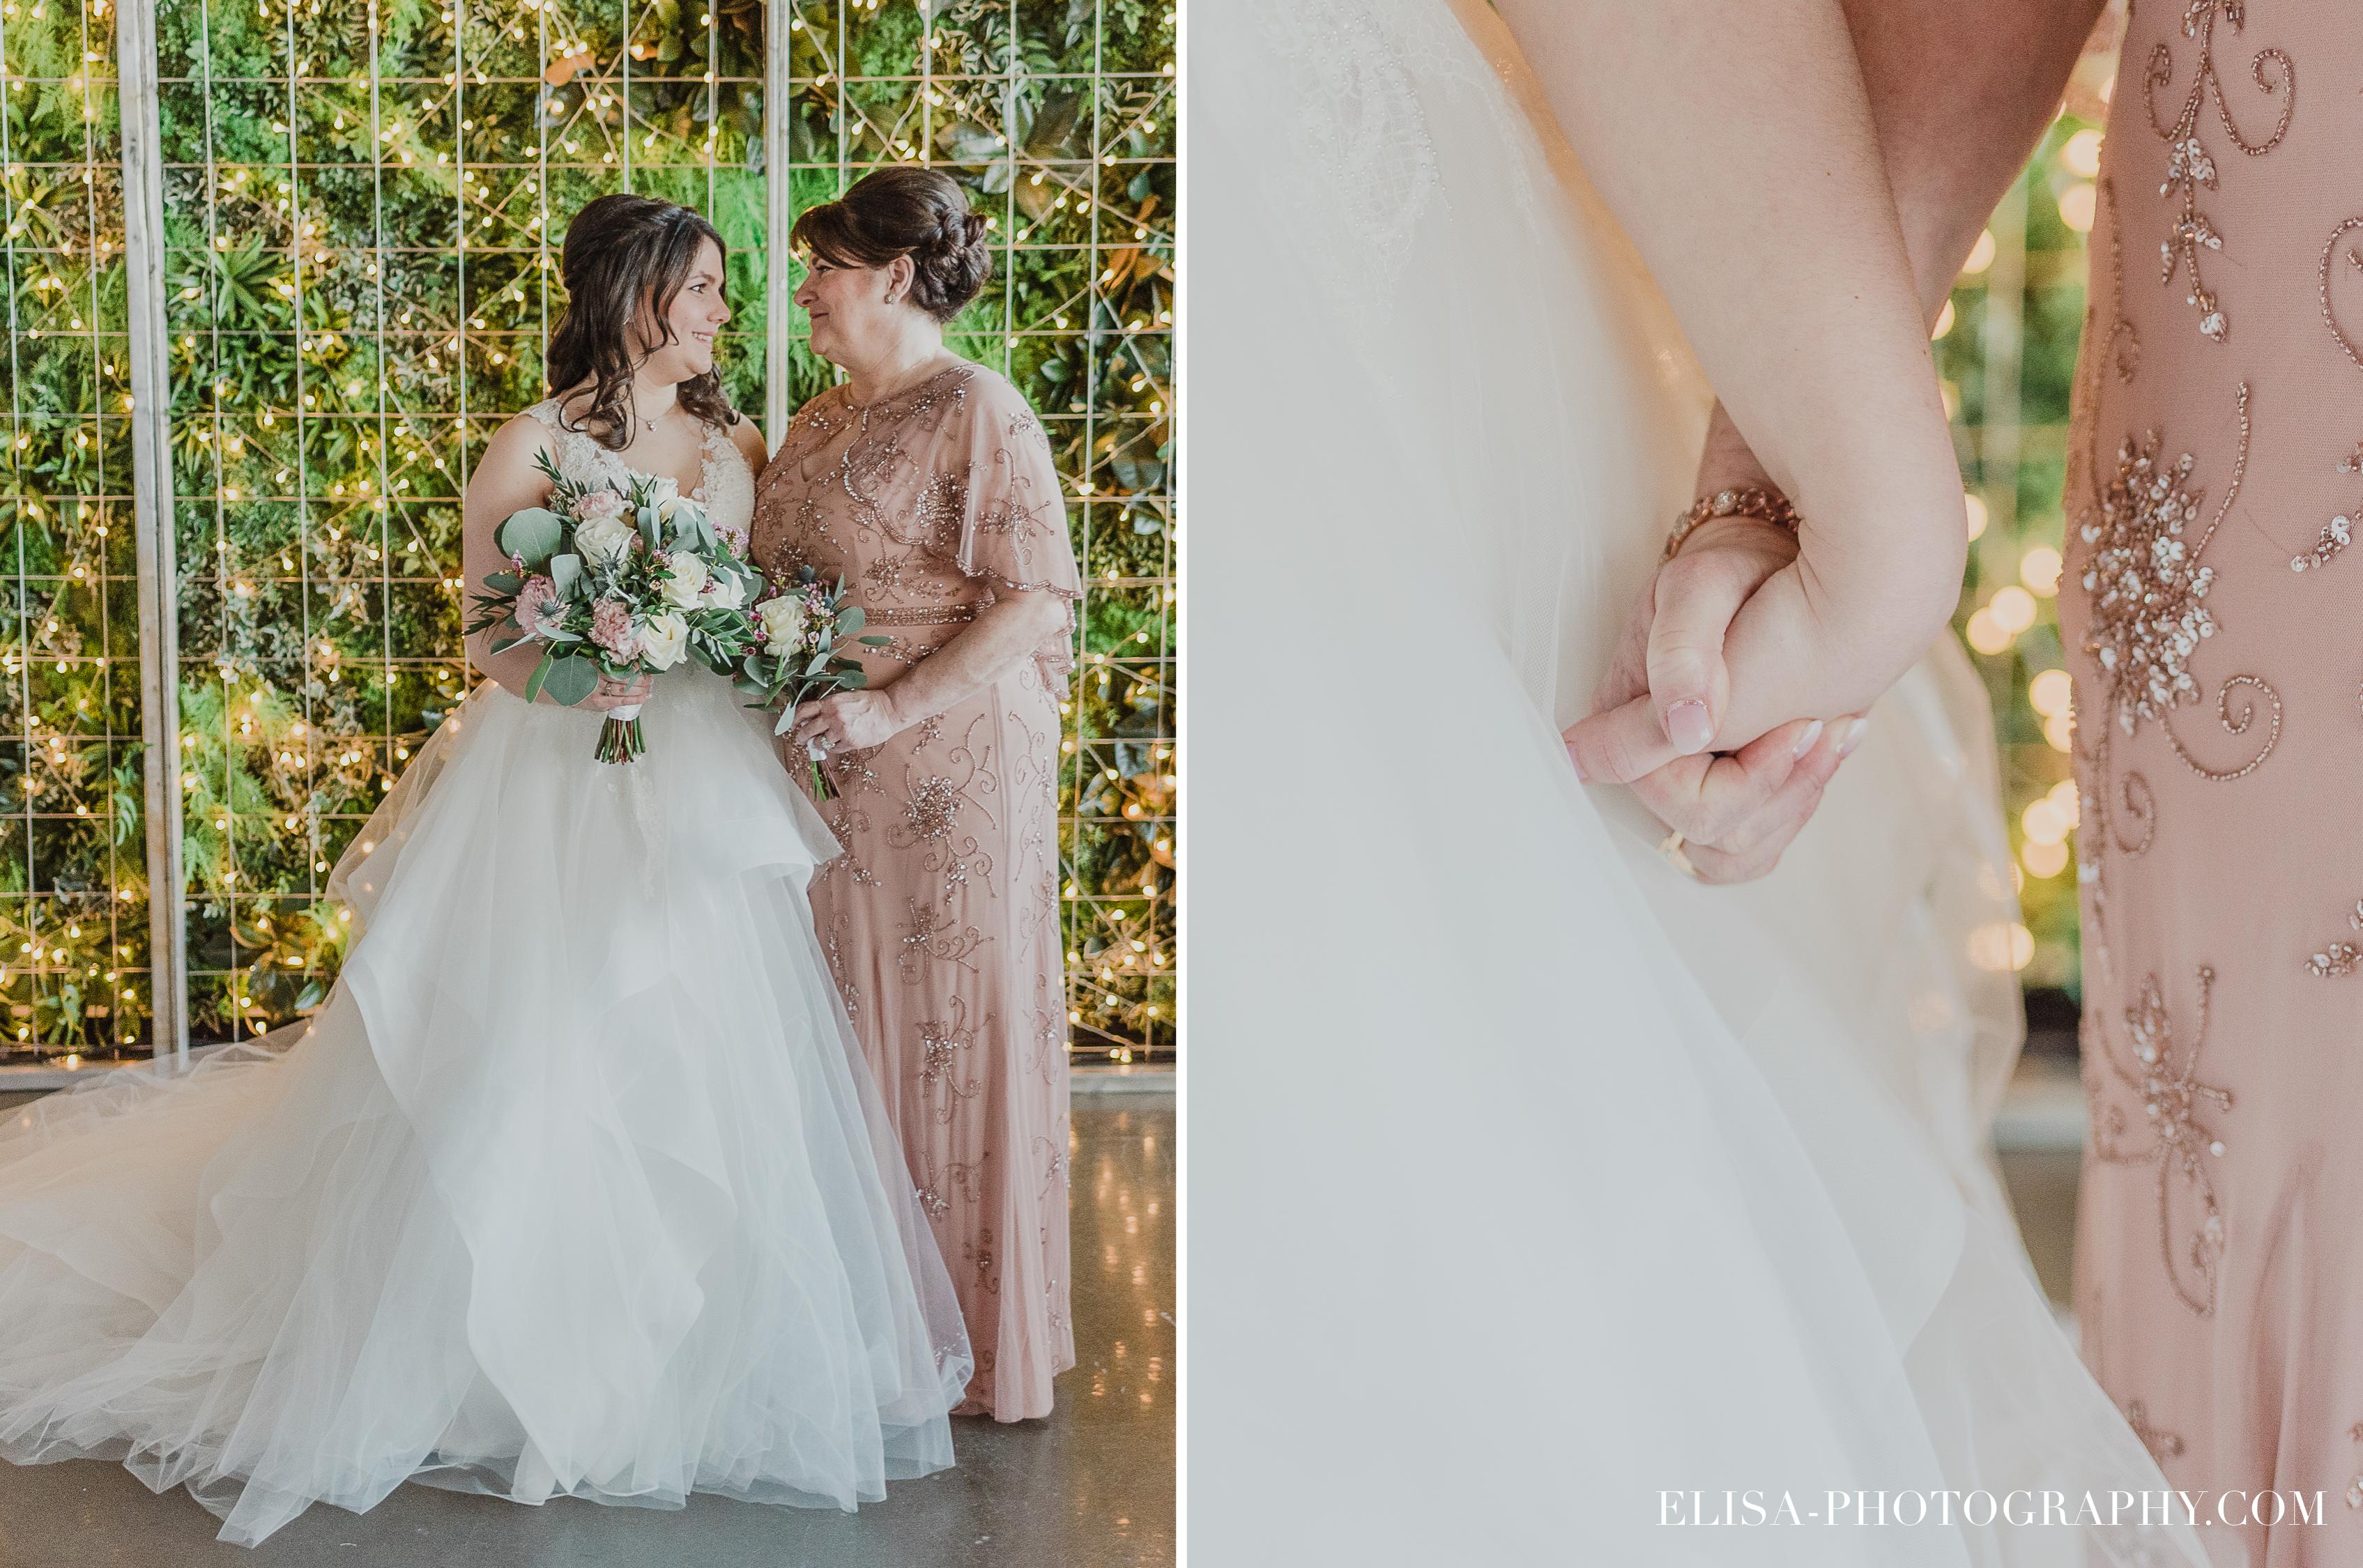 photo mariage quai cap blanc quebec maman mariee robe rose naturelle 1 - Un chaleureux mariage hivernal à la salle du Quai du Cap Blanc, Québec